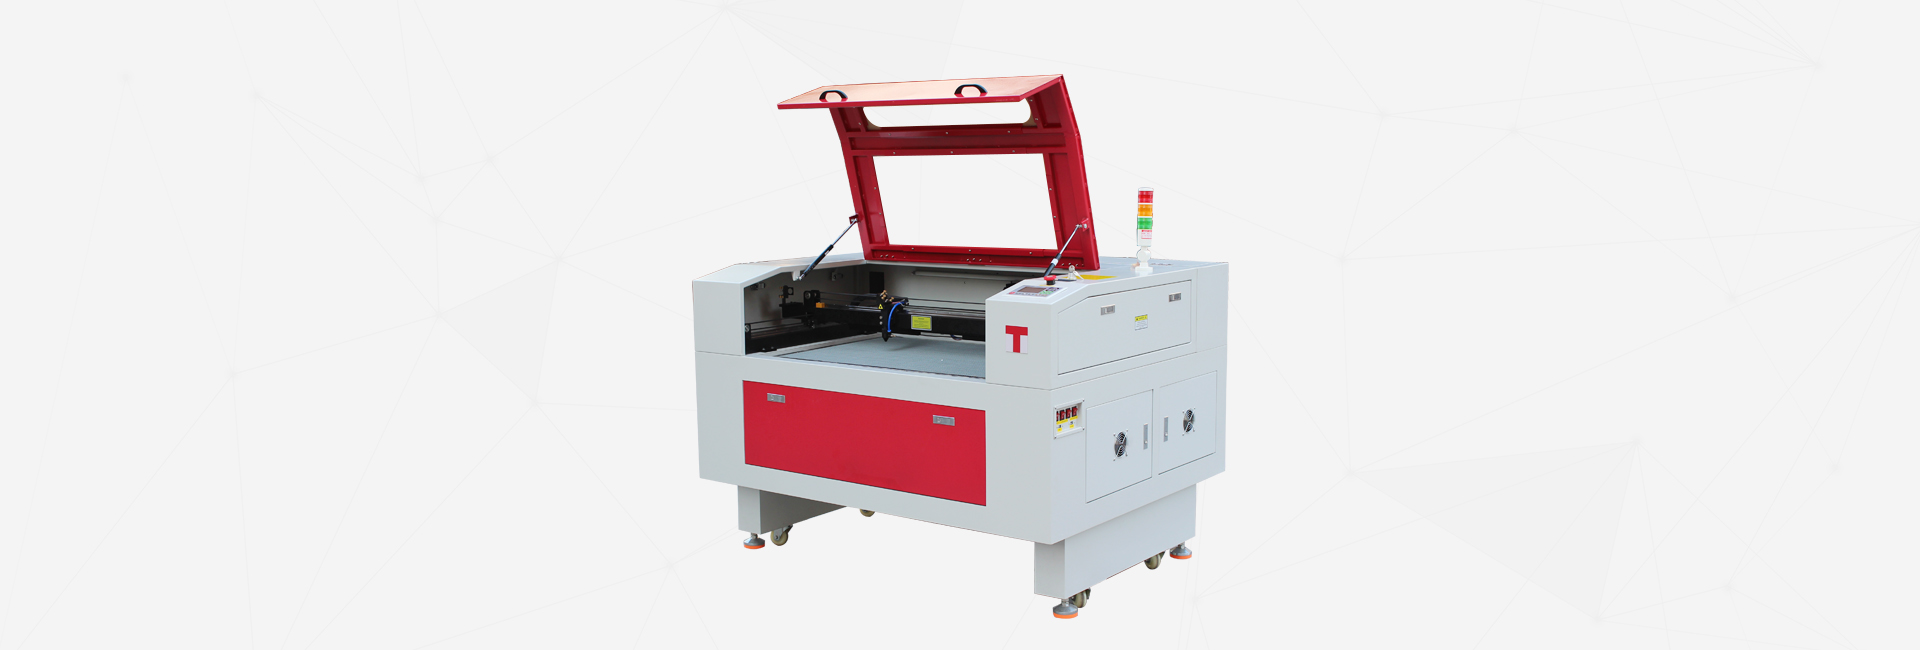 自动对焦激光切割机9060